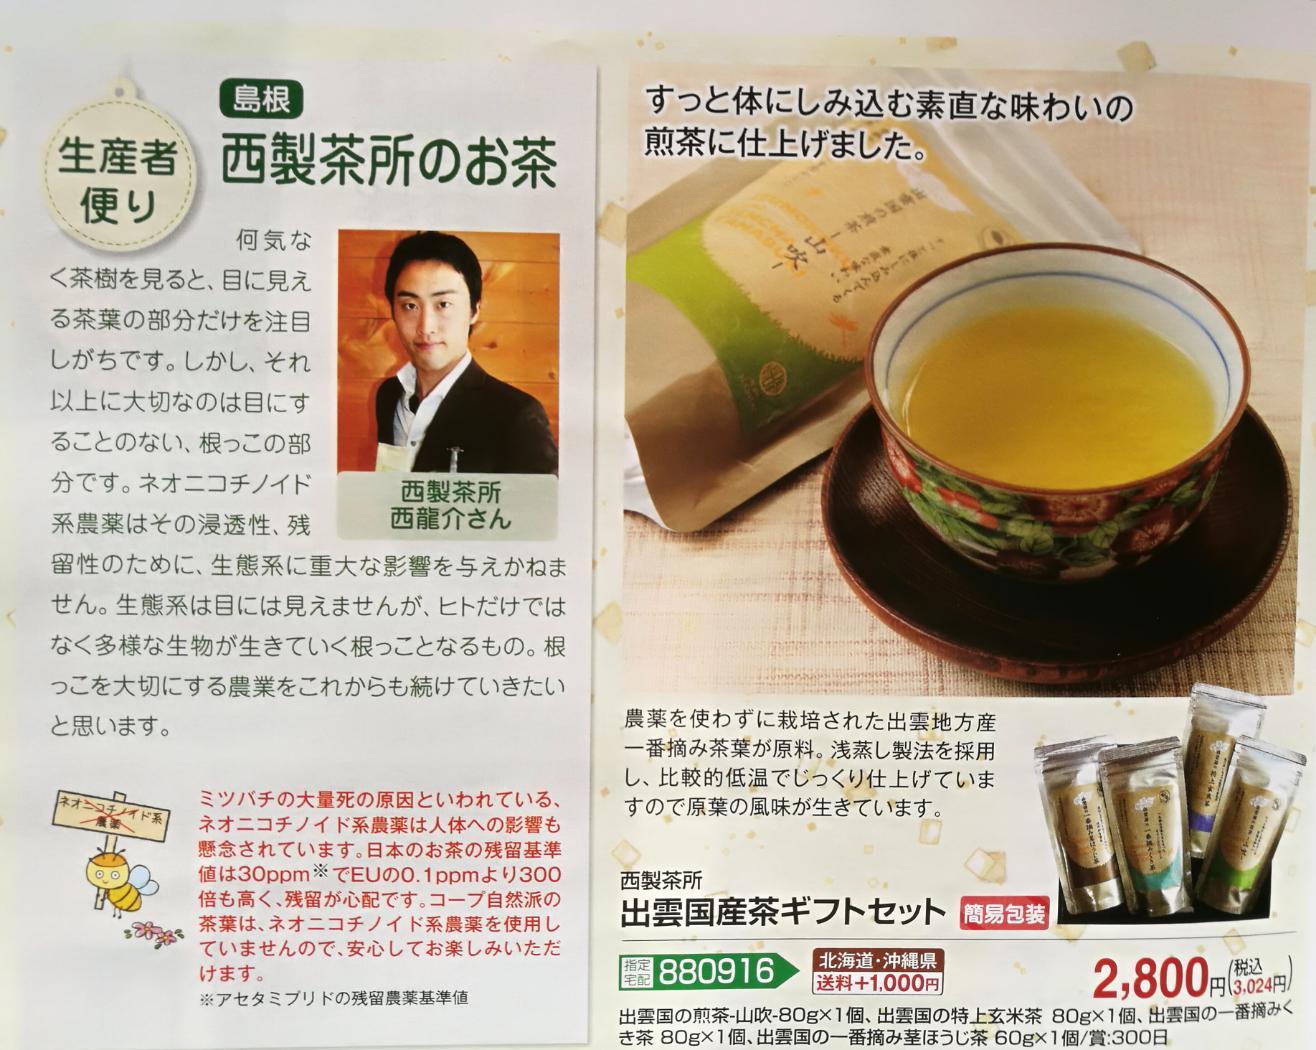 コープ自然派冬の贈りものカタログ西製茶所のお茶